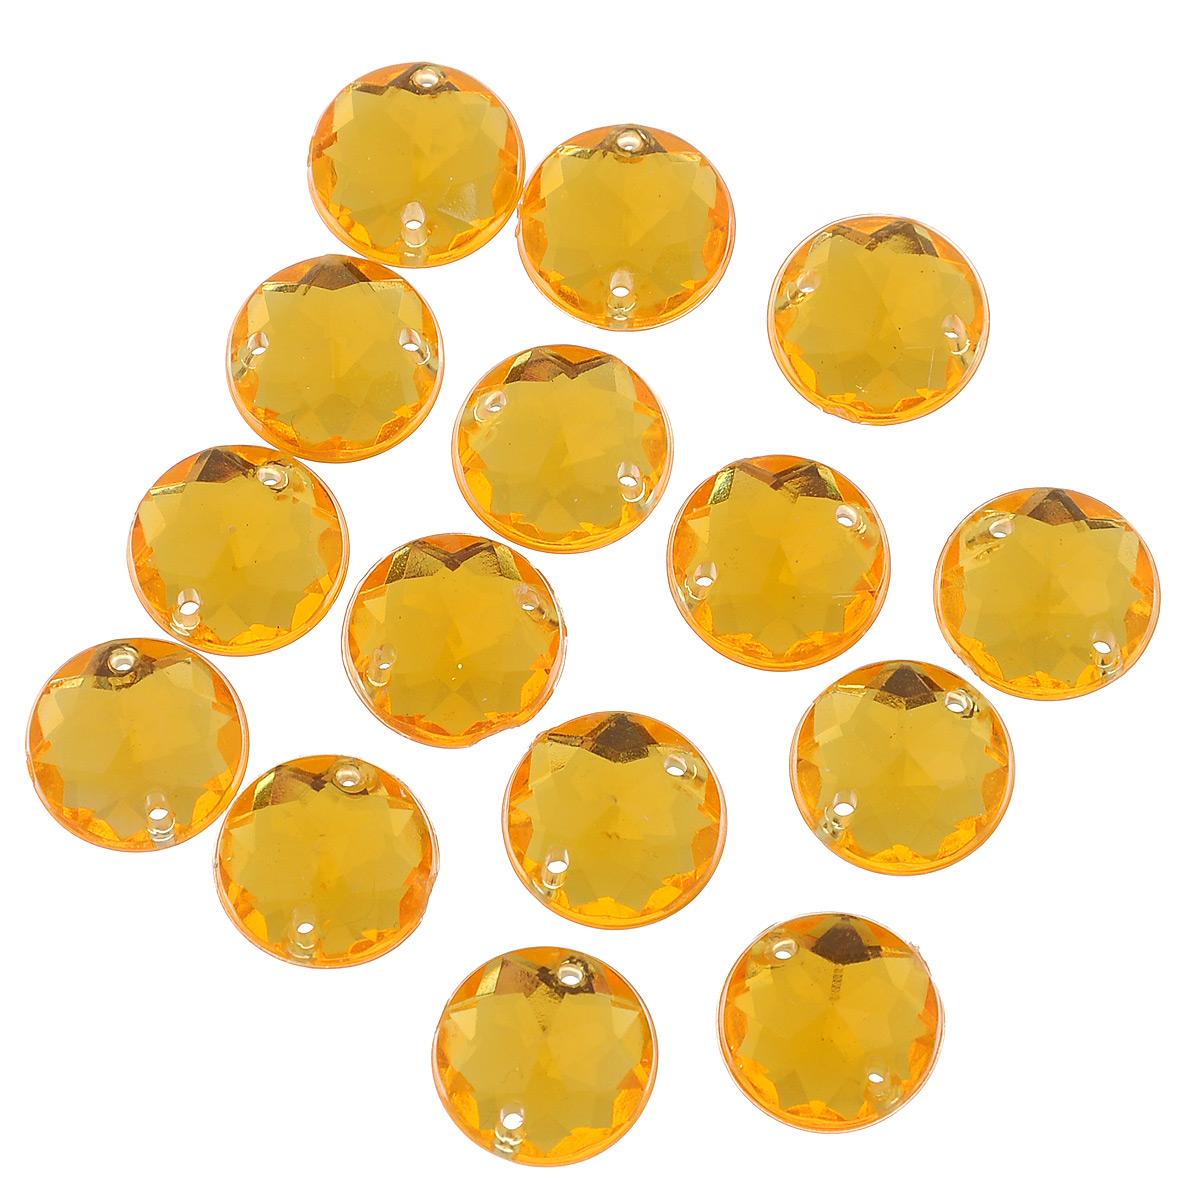 Стразы пришивные Астра, цвет: оранжевый (11), диаметр 11 мм, 15 шт. 7701645_117701645_11Набор страз Астра, изготовленный из акрила, позволит вам украсить одежду и аксессуары. Стразы оригинального и яркого дизайна круглой формы оснащены отверстиями для пришивания. Украшение стразами поможет сделать любую вещь оригинальной и неповторимой. Диаметр: 11 мм.